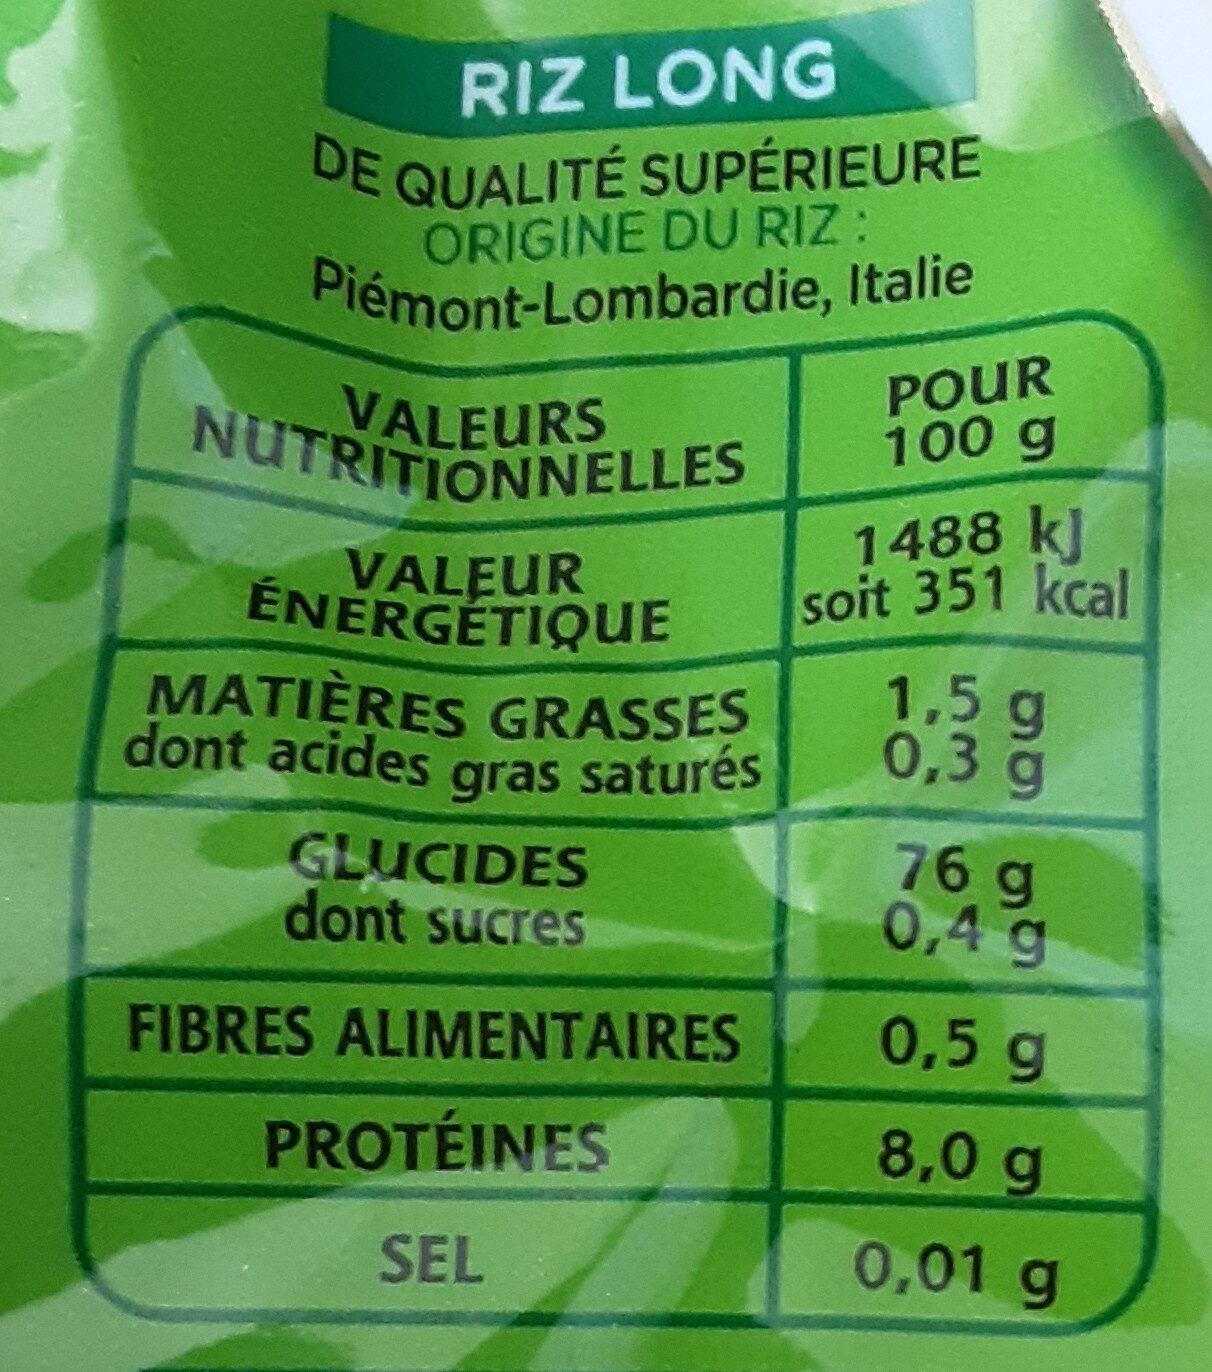 Riz pour risotto - Nährwertangaben - fr